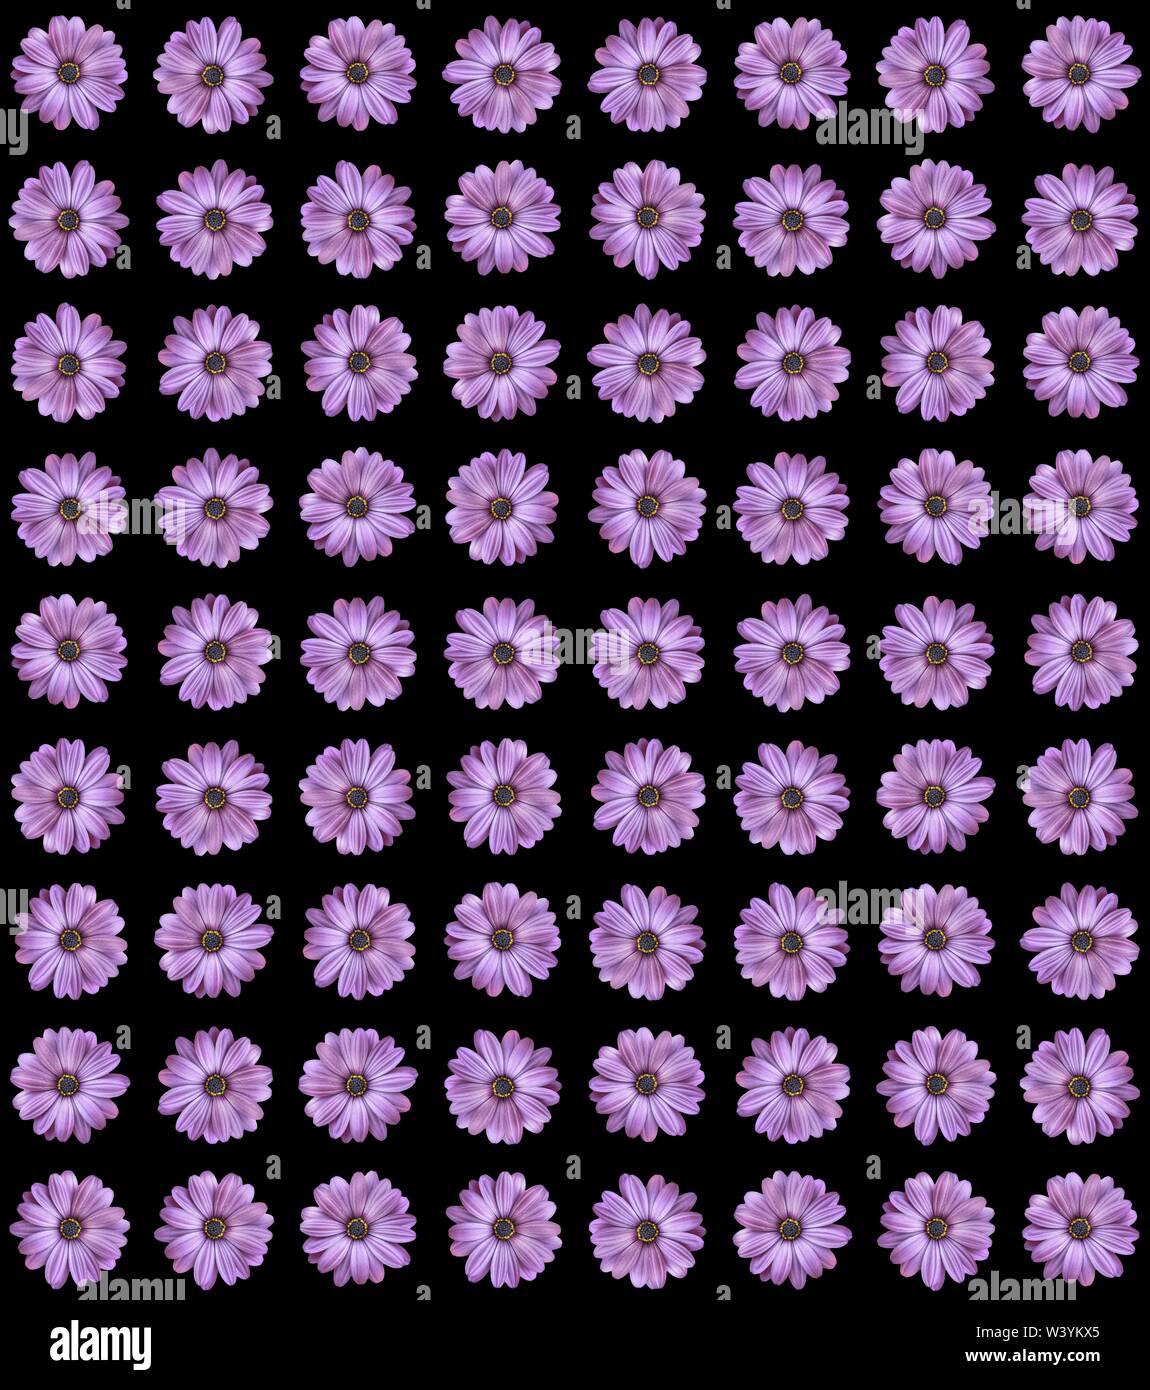 Bouquet de flores de verano, brillantes violetas. Imprimir. Capullos de licitación en filas sobre fondo blanco, patrón natural Imagen De Stock